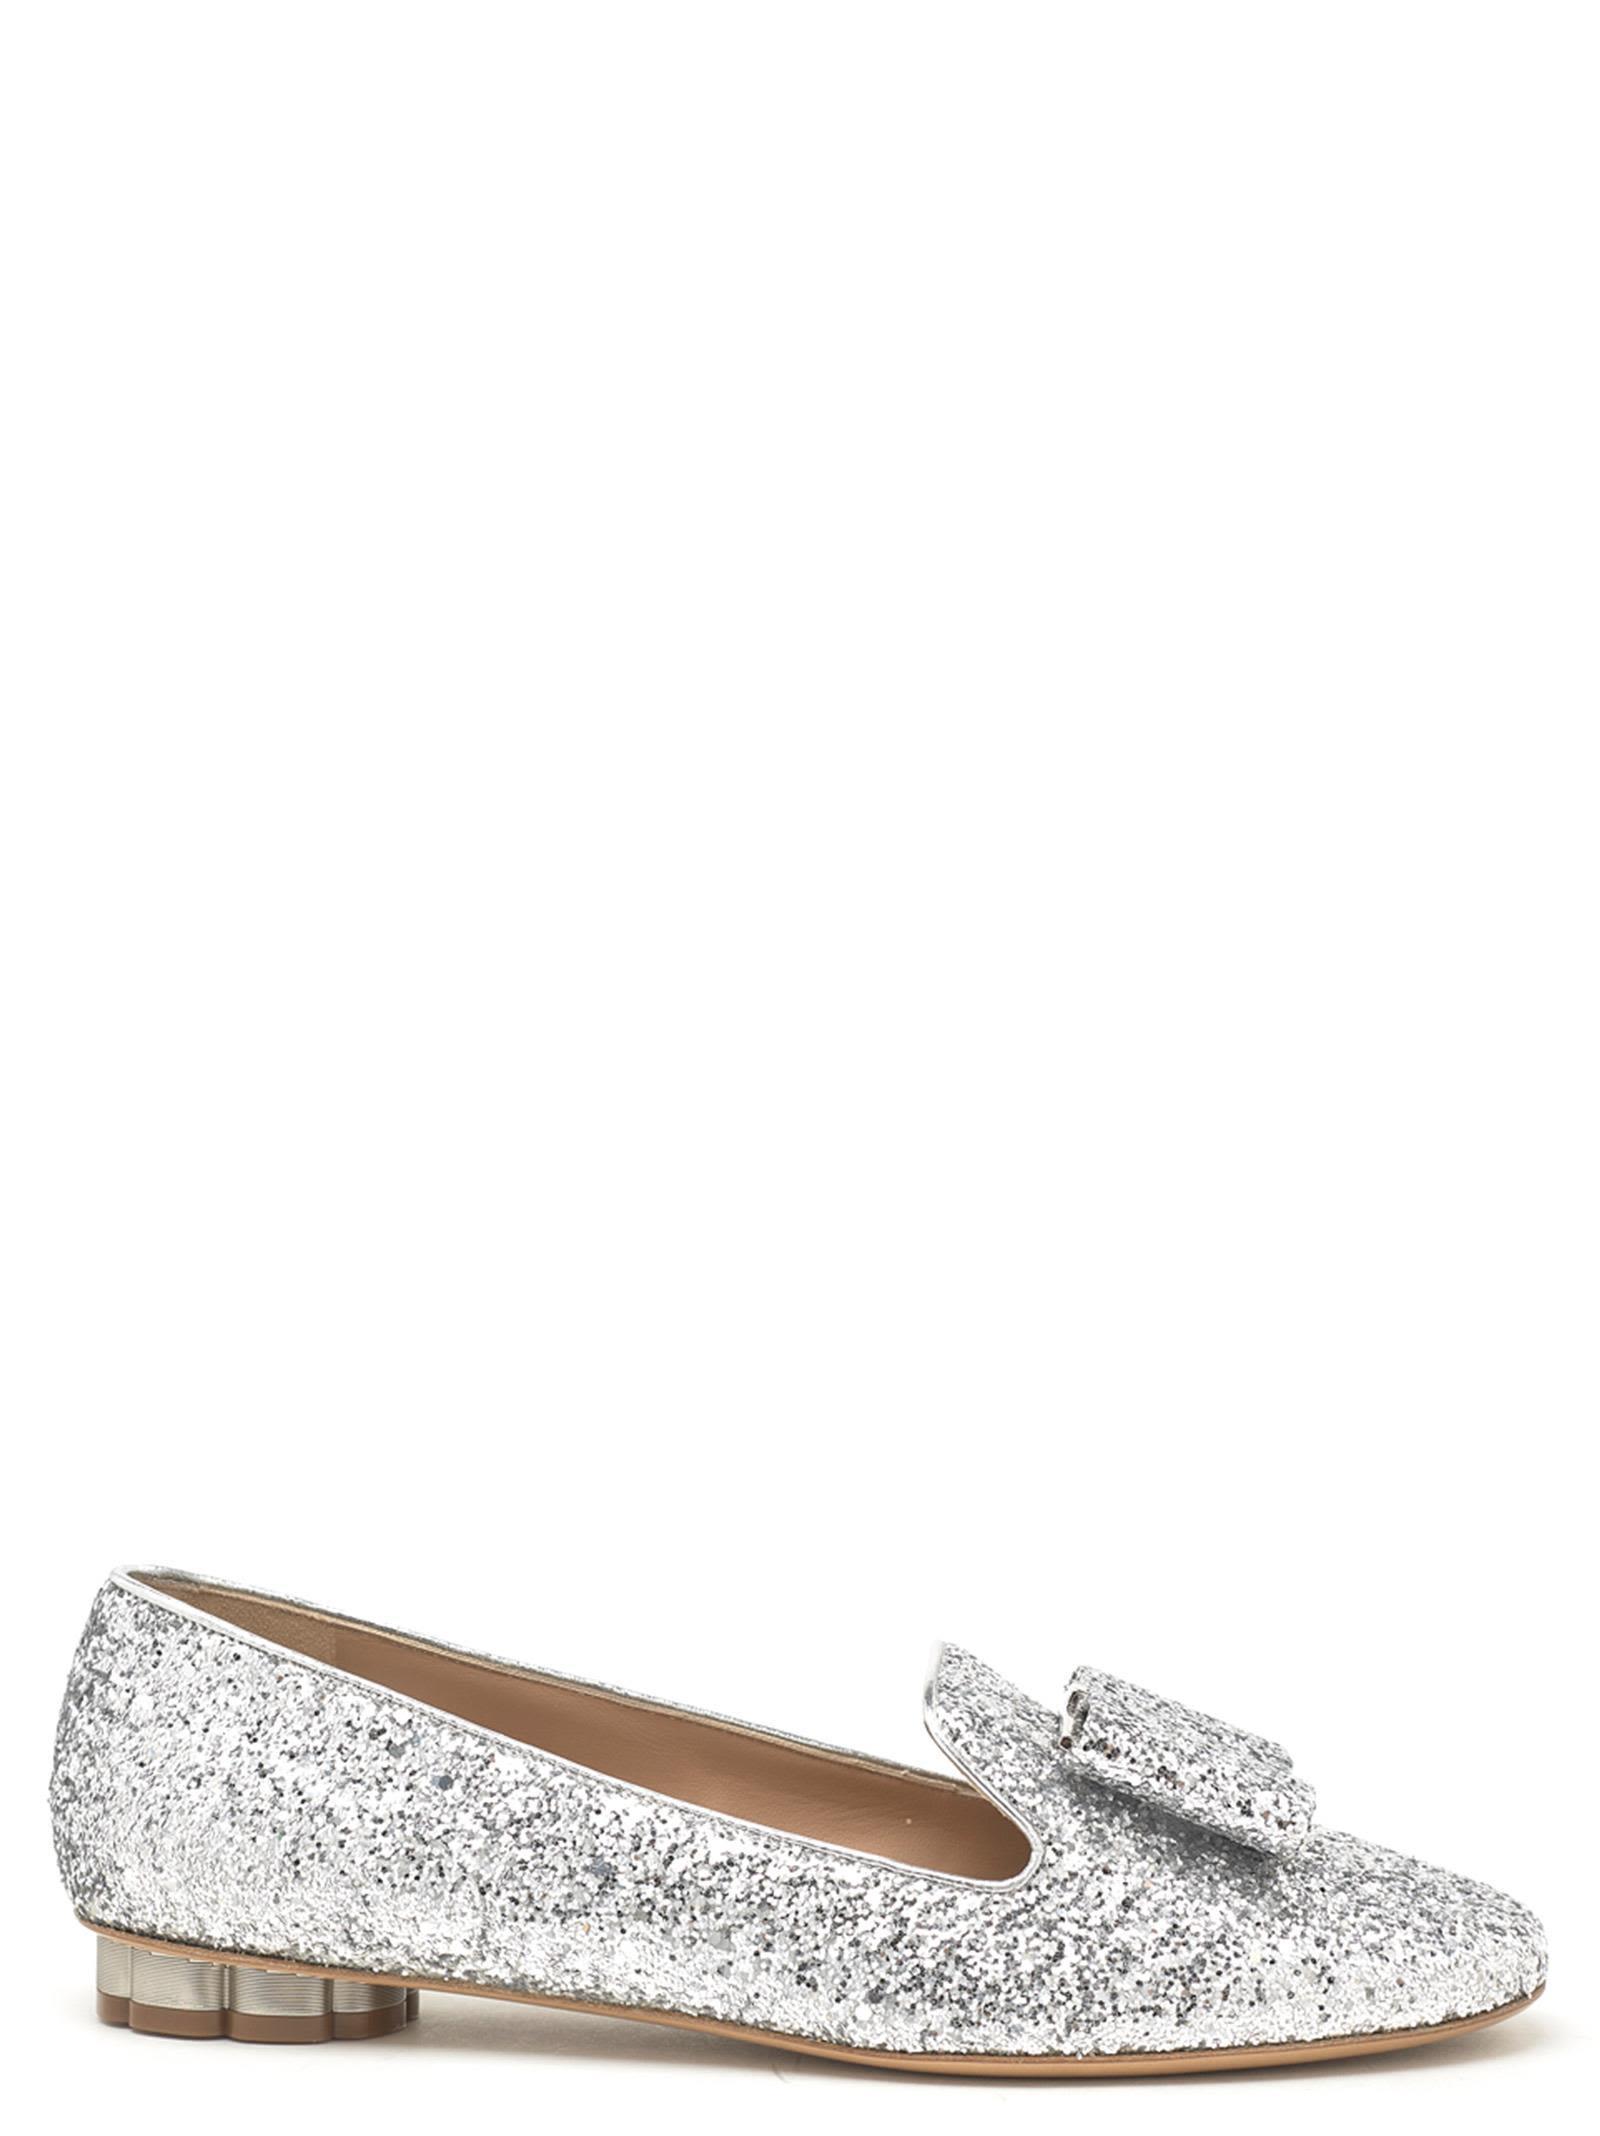 a46755dd8 Salvatore Ferragamo 'Sarno' Shoes In Silver | ModeSens